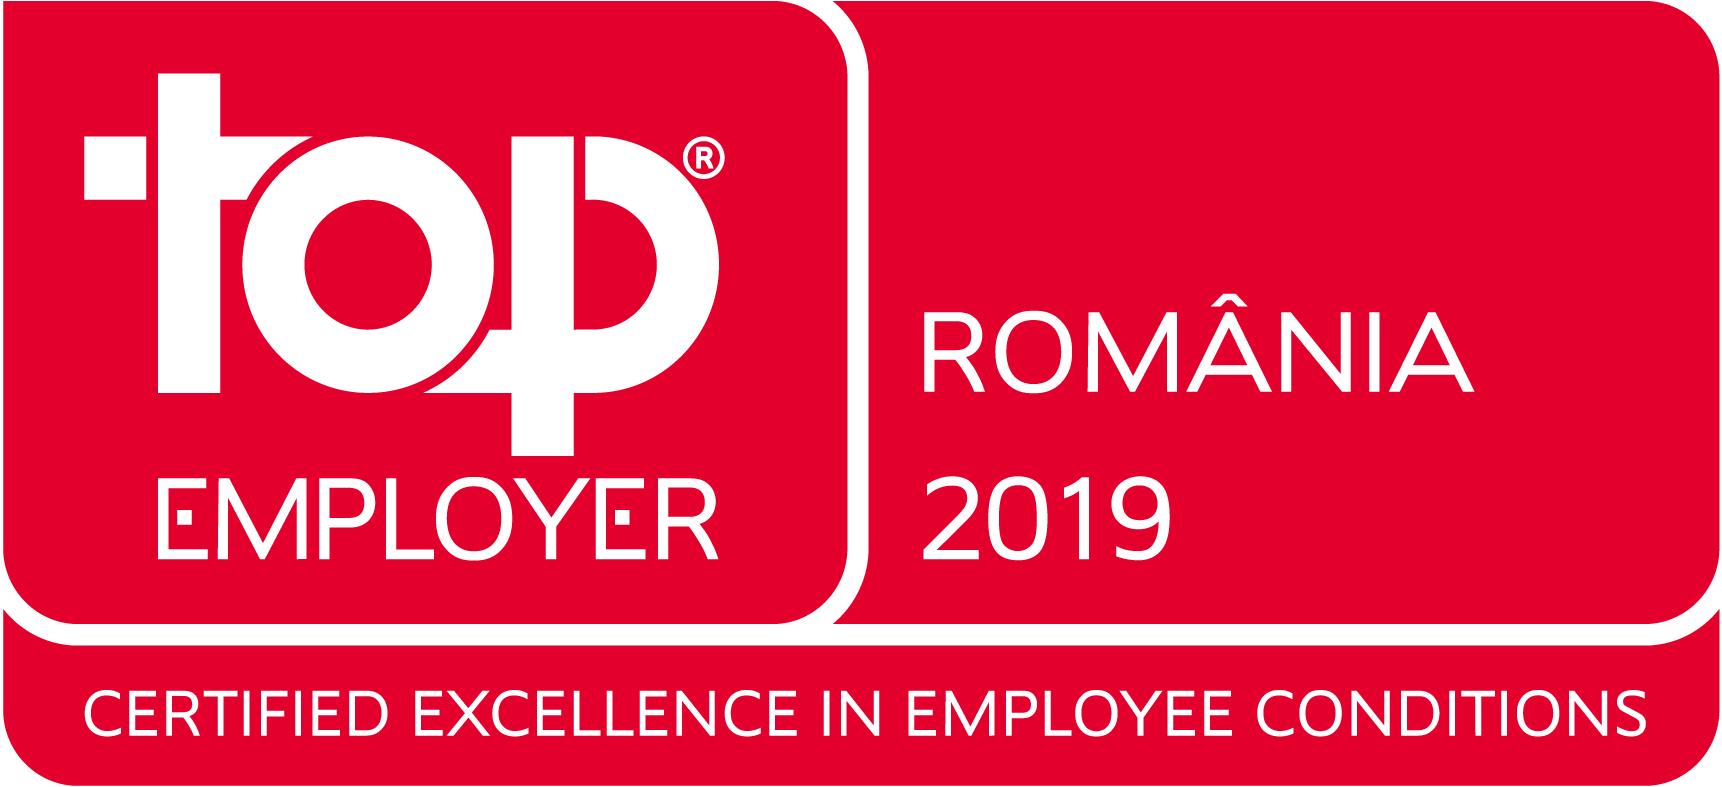 Top_Employer_Romania_2019